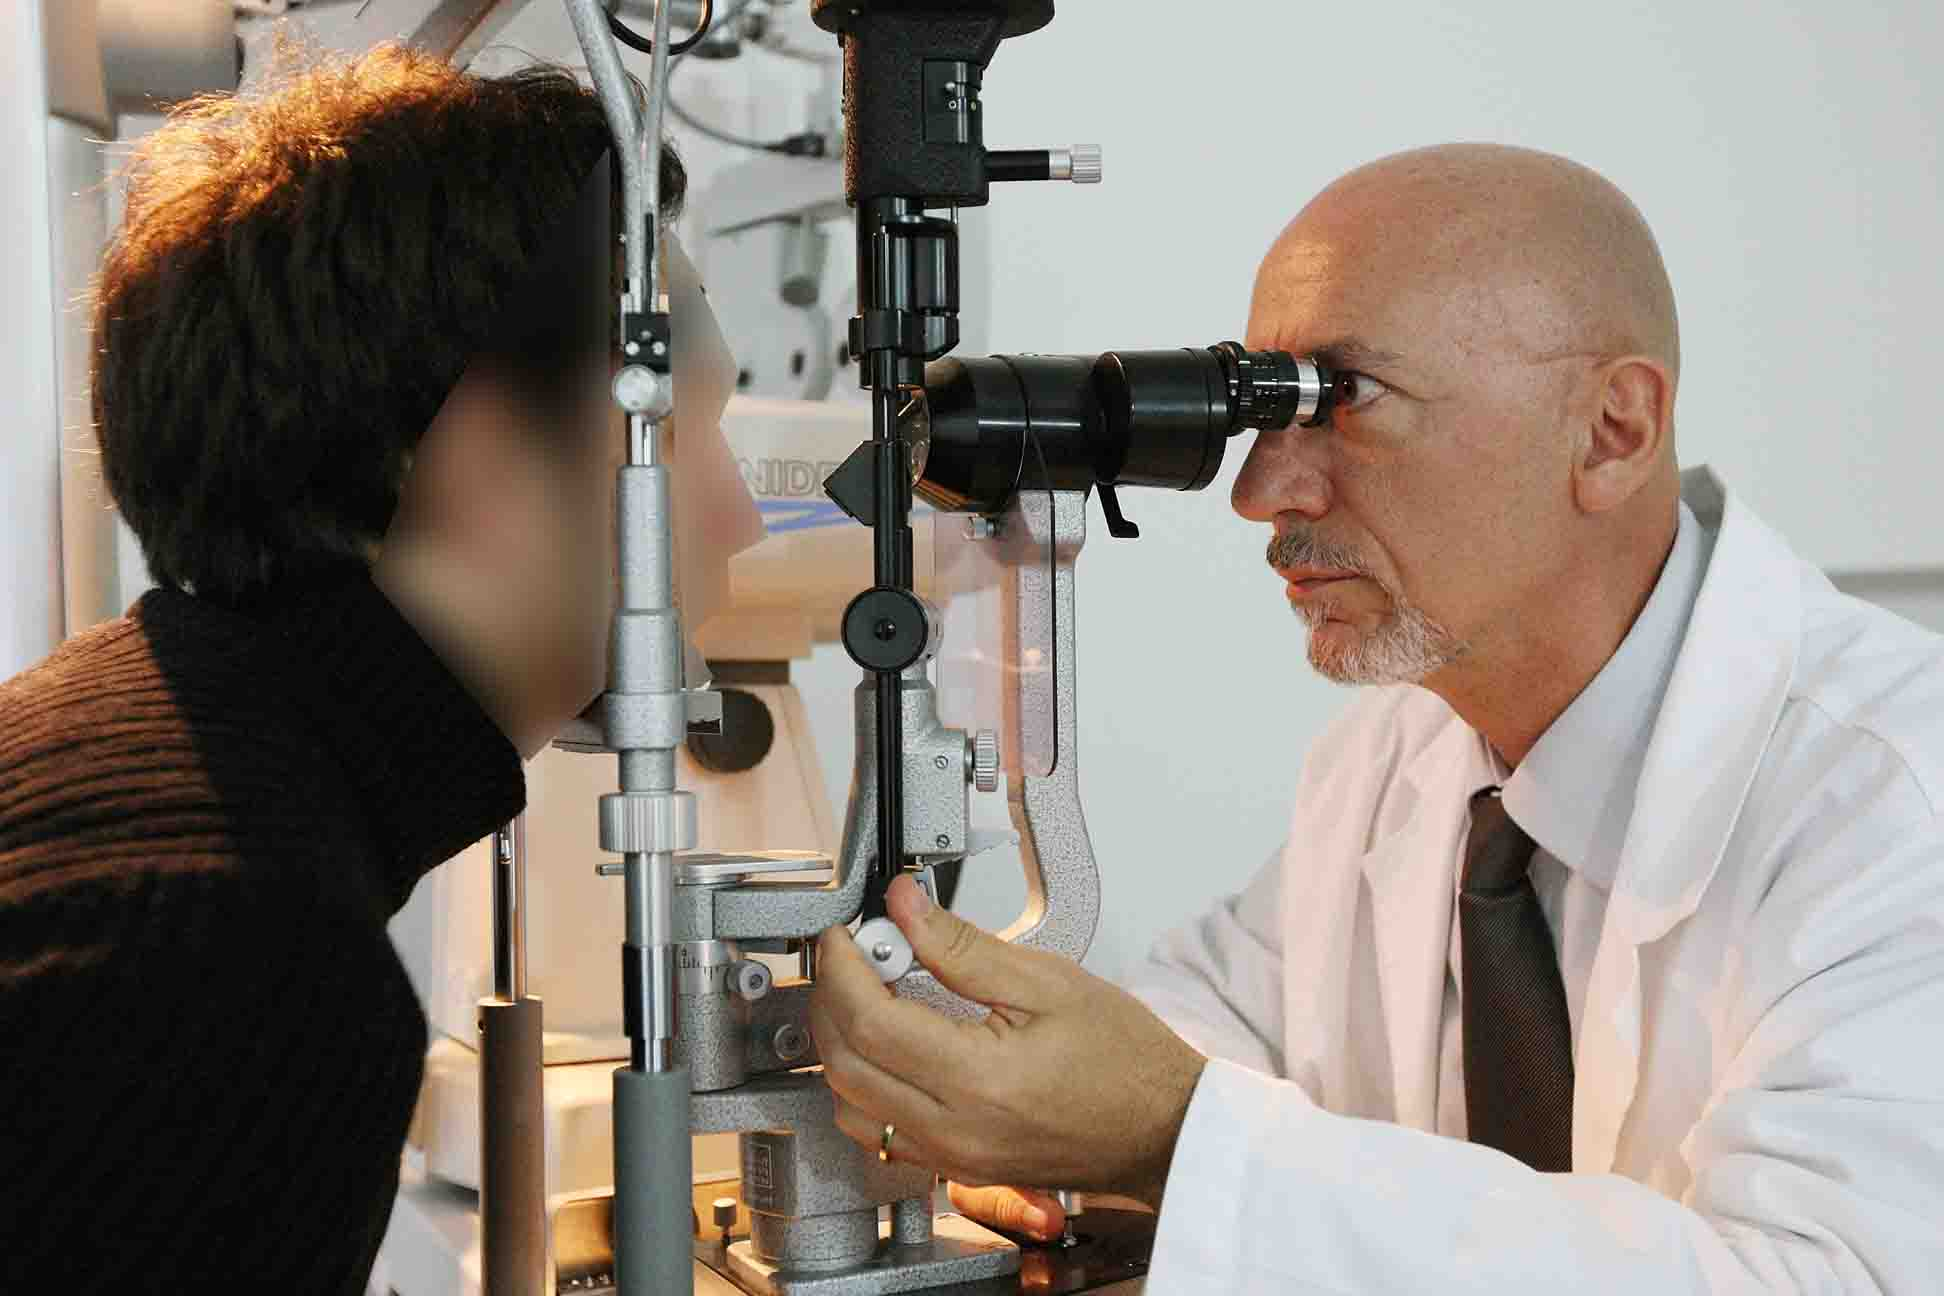 Foto di una misura dello spessore corneale